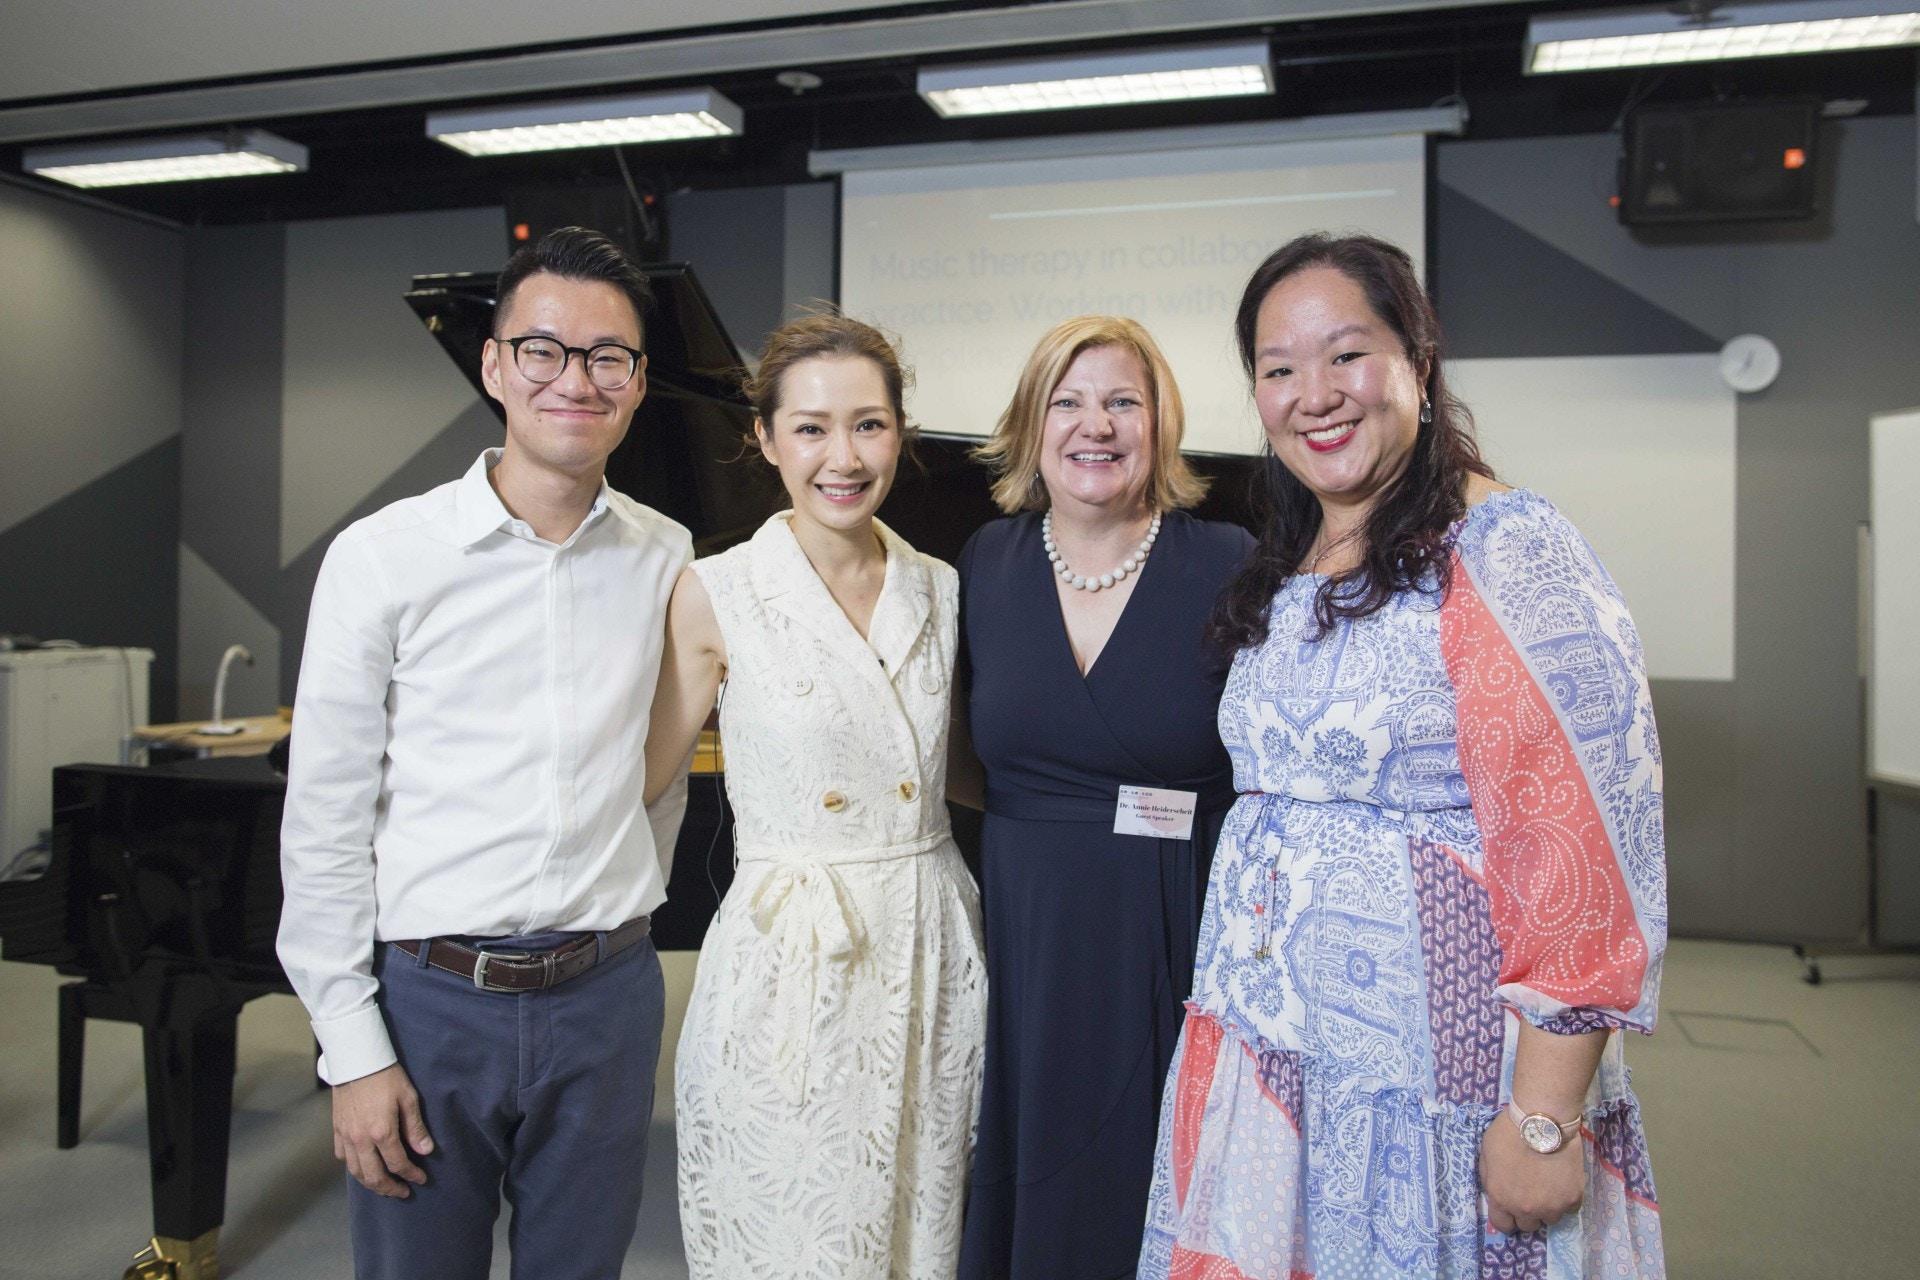 關心妍早前舉行講座向大眾推廣音樂治療,同場有「香港創意藝術治療中心」音樂治療師何顯斌(左一)及梁曉盈(右一),以及音樂治療權威Dr.Annie Heiderscheit。(黃寶瑩攝)